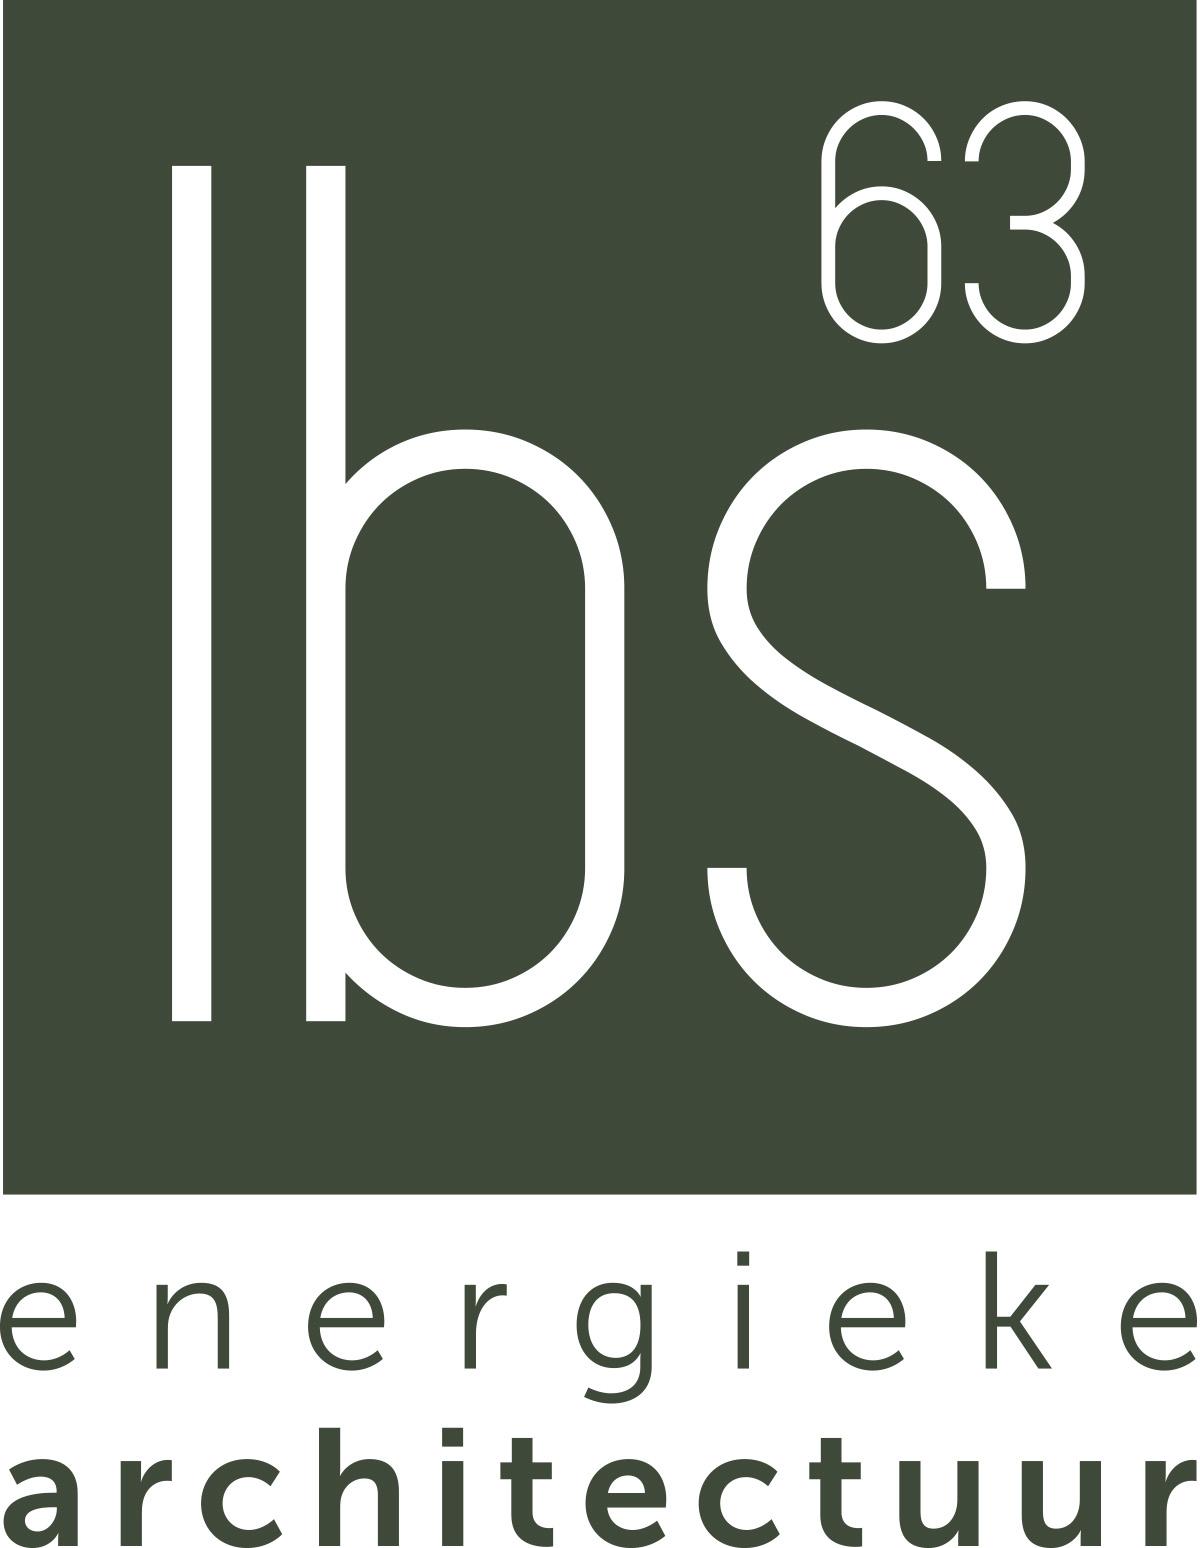 lbs63 energieke architectuur